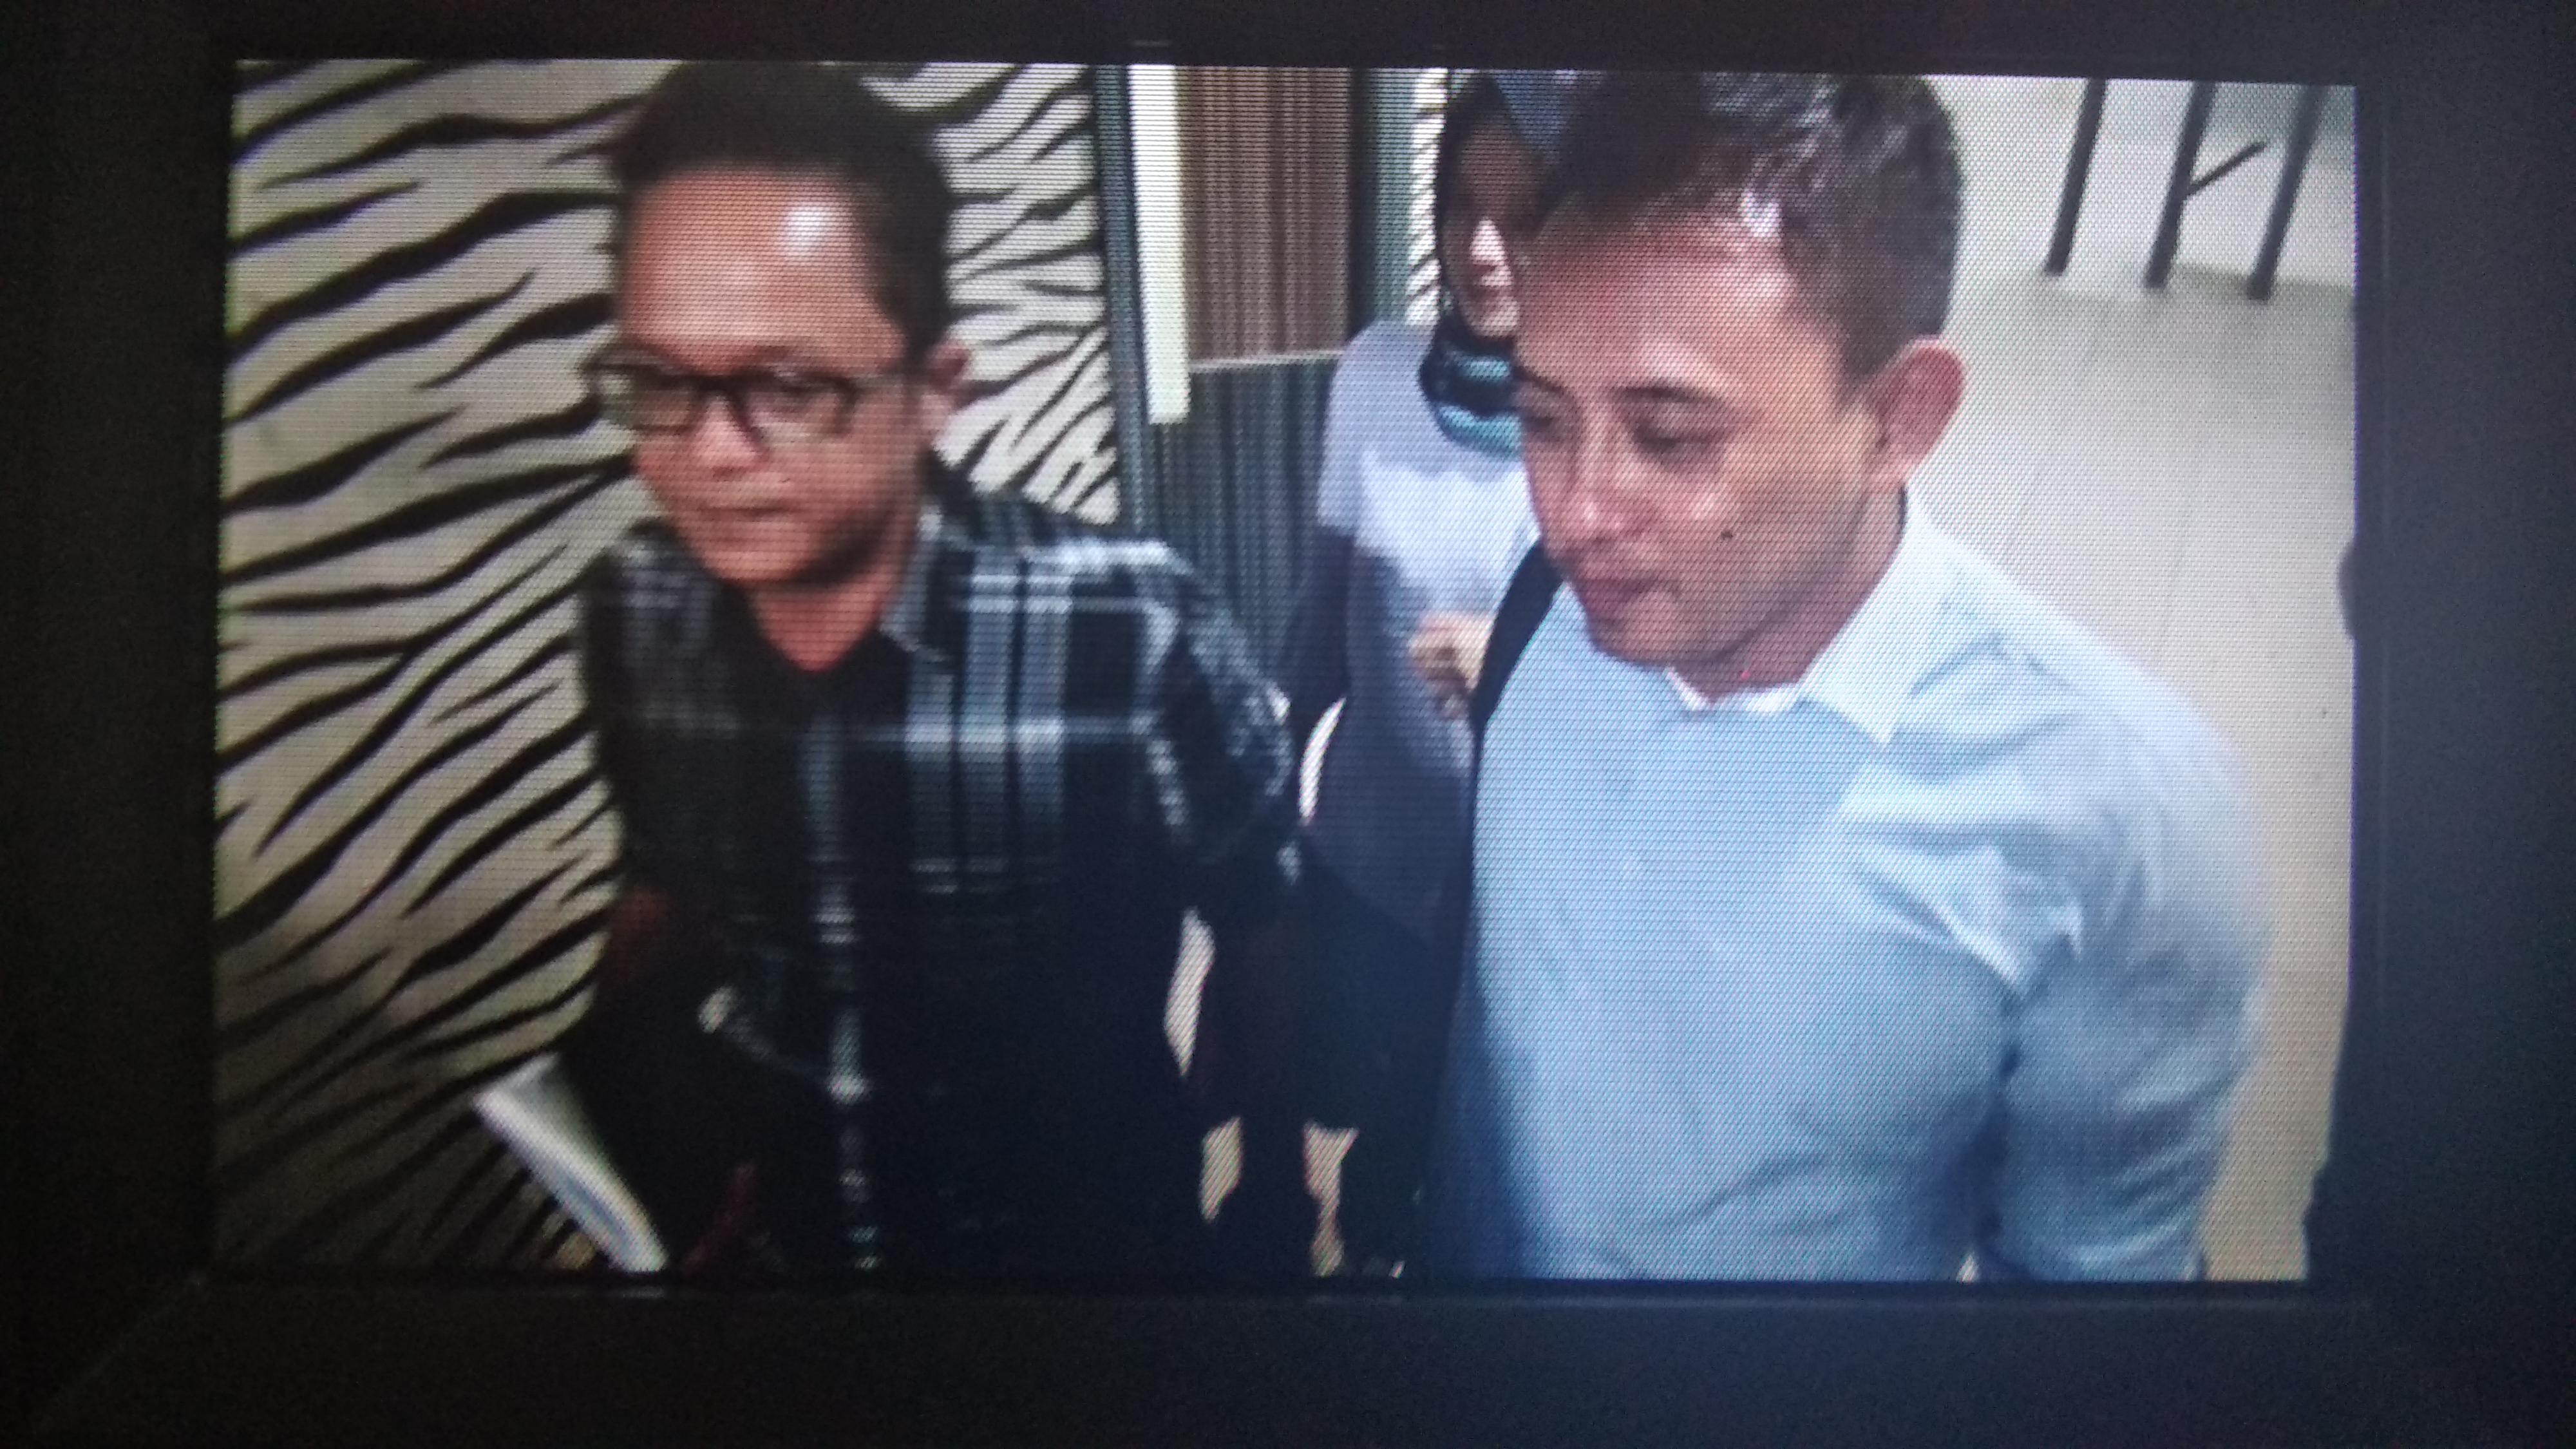 Keluar Dari Ruang Penyidik, Dokter Yusrizal Diam Seribu Bahasa